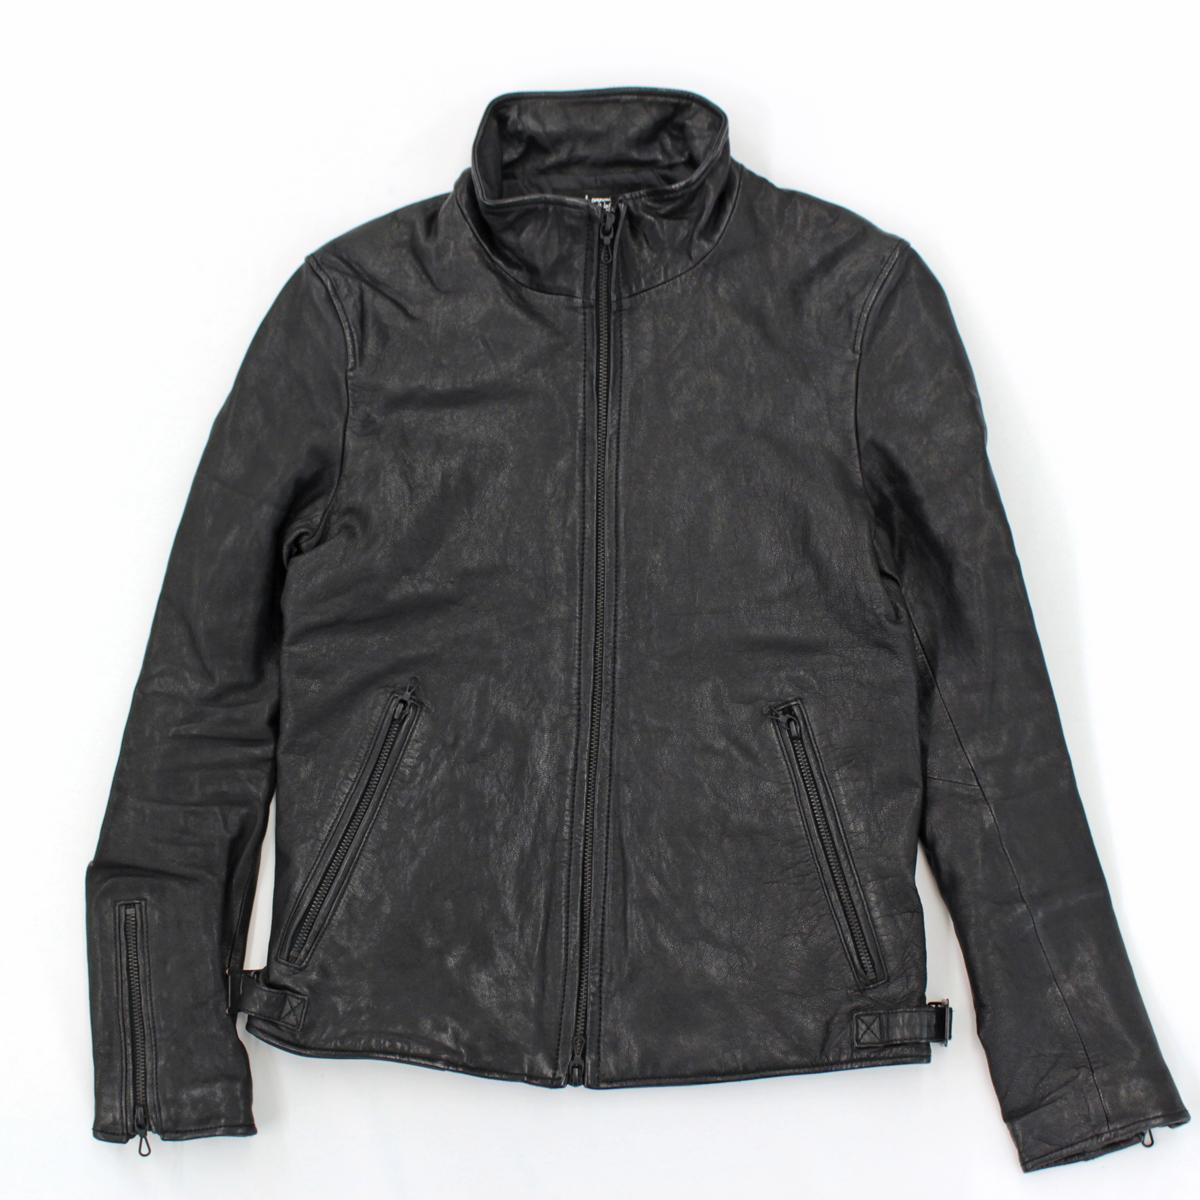 【中古】良好◆ナノユニバース レザージャケット サイズS◆ ブラック/黒/やぎ革/nano universe/メンズ/秋/冬/アウター